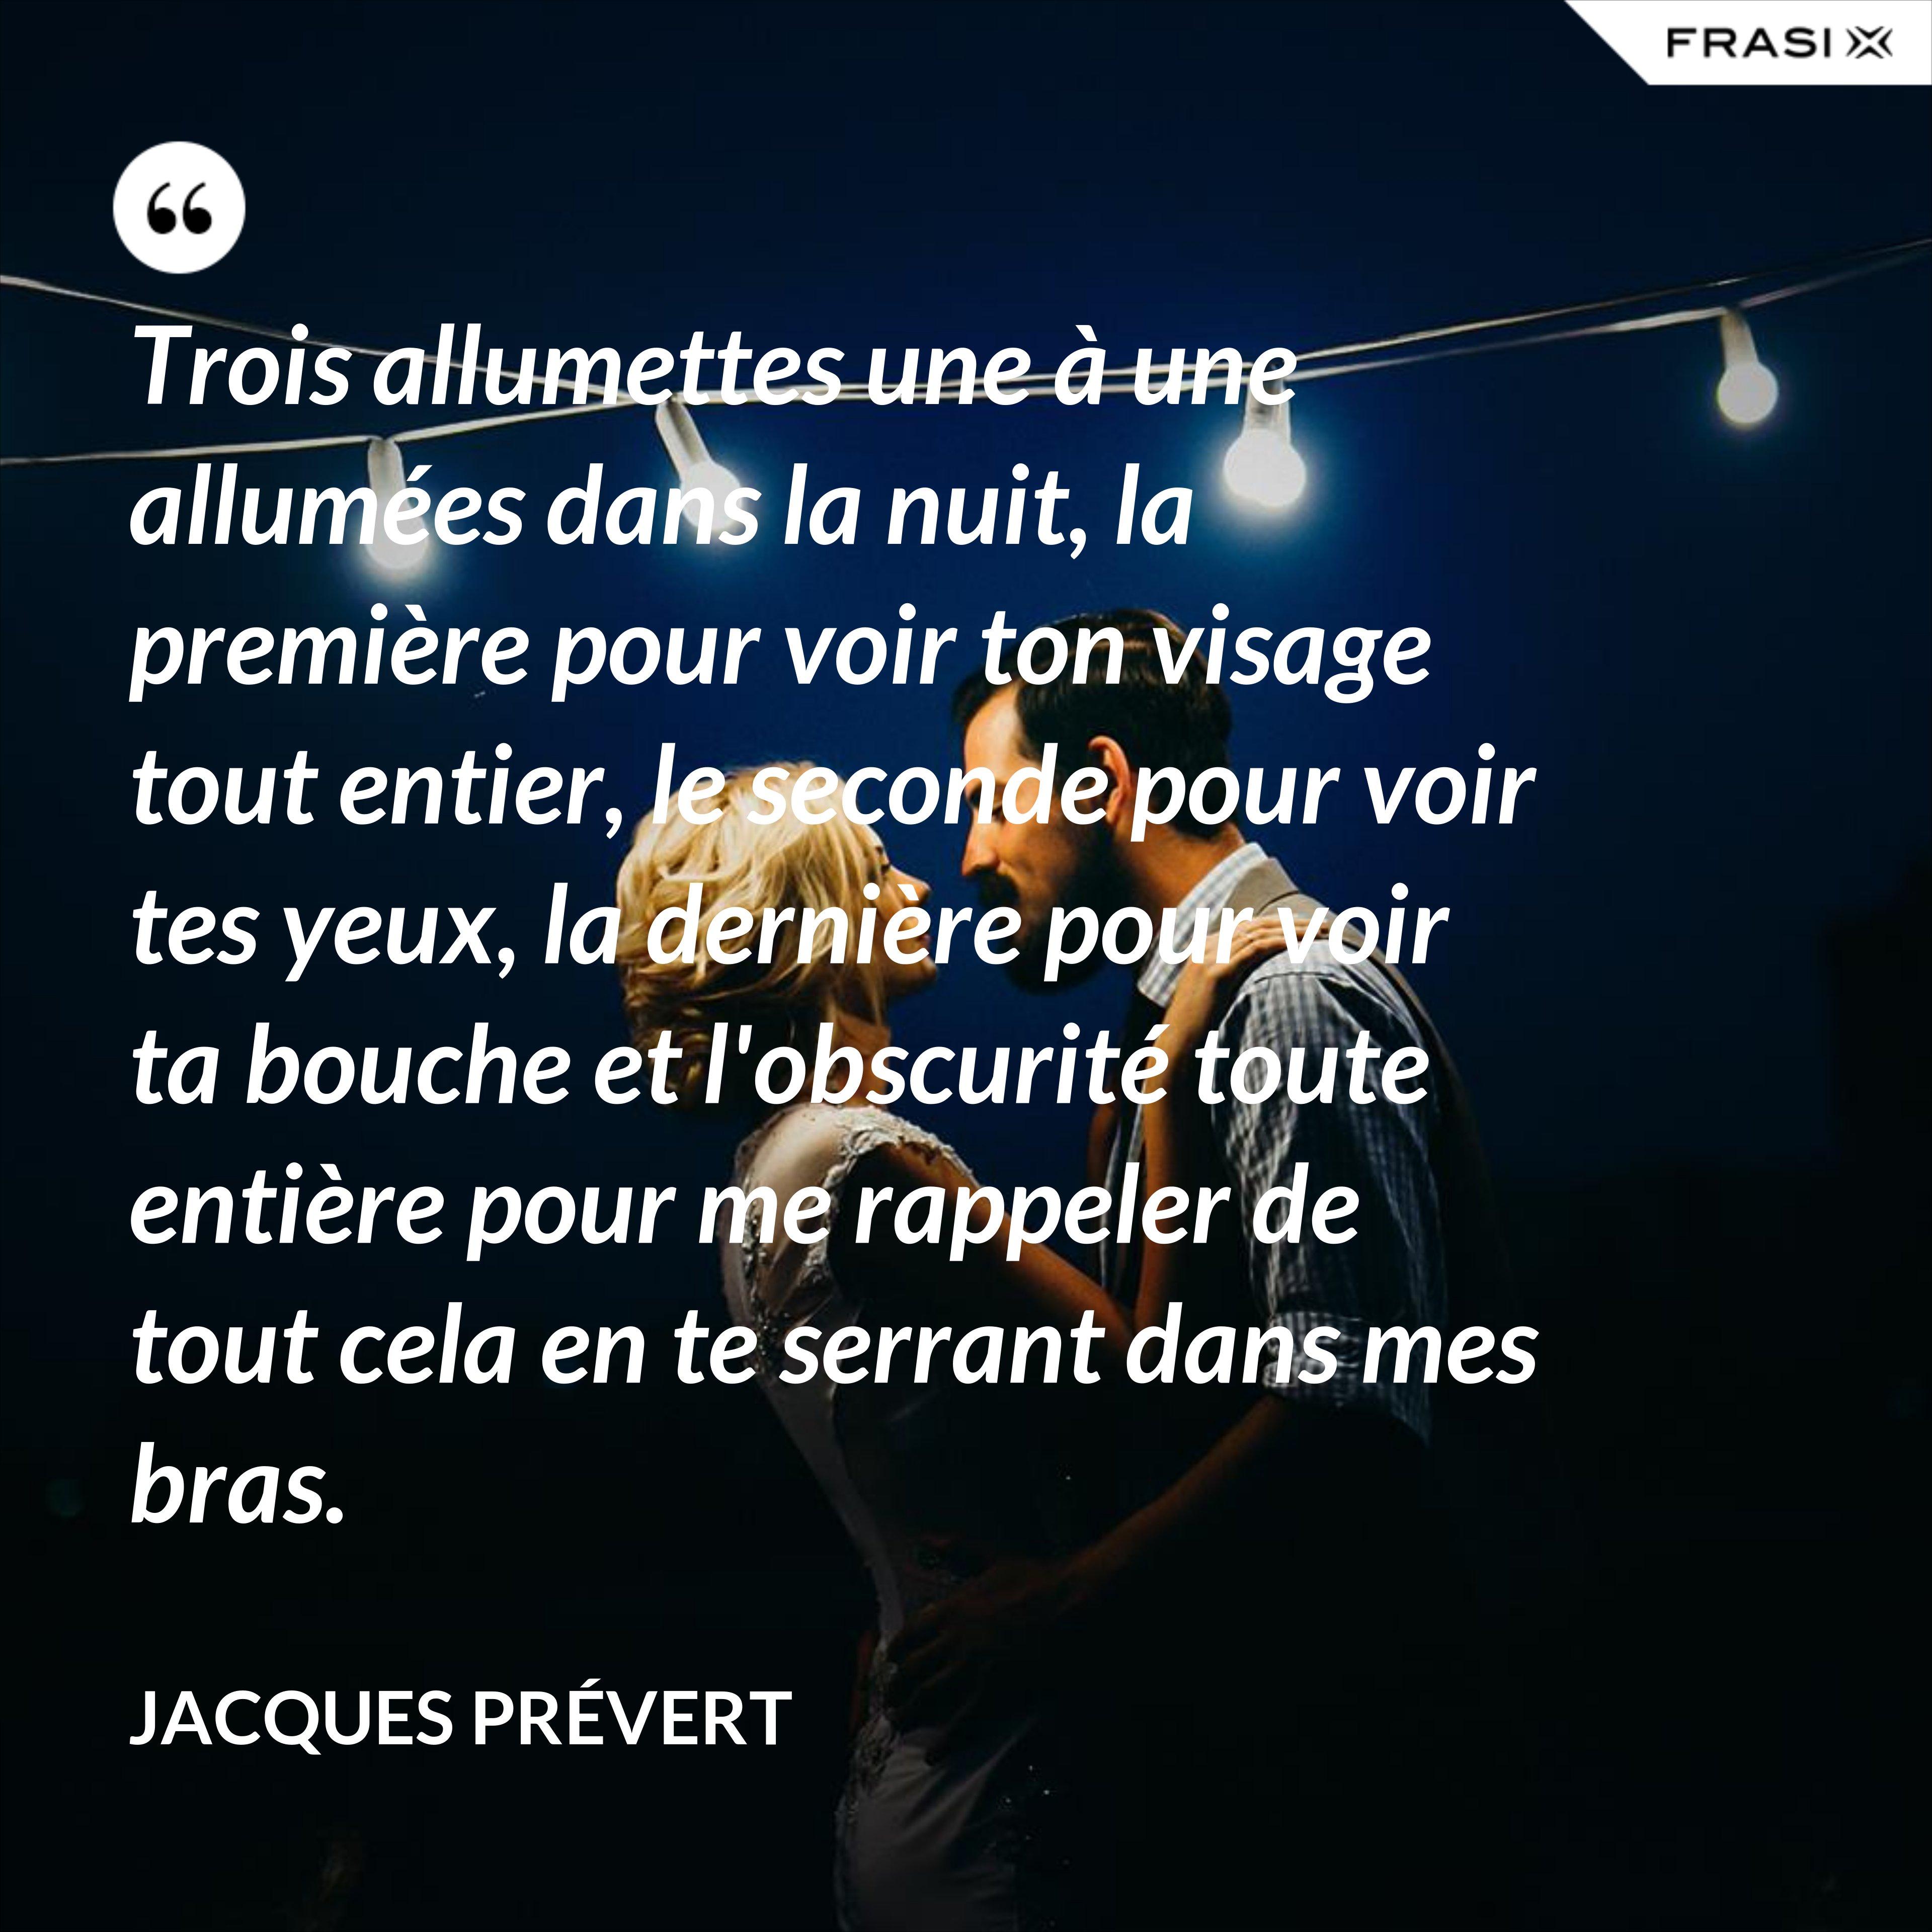 Trois allumettes une à une allumées dans la nuit, la première pour voir ton visage tout entier, le seconde pour voir tes yeux, la dernière pour voir ta bouche et l'obscurité toute entière pour me rappeler de tout cela en te serrant dans mes bras. - Jacques Prévert